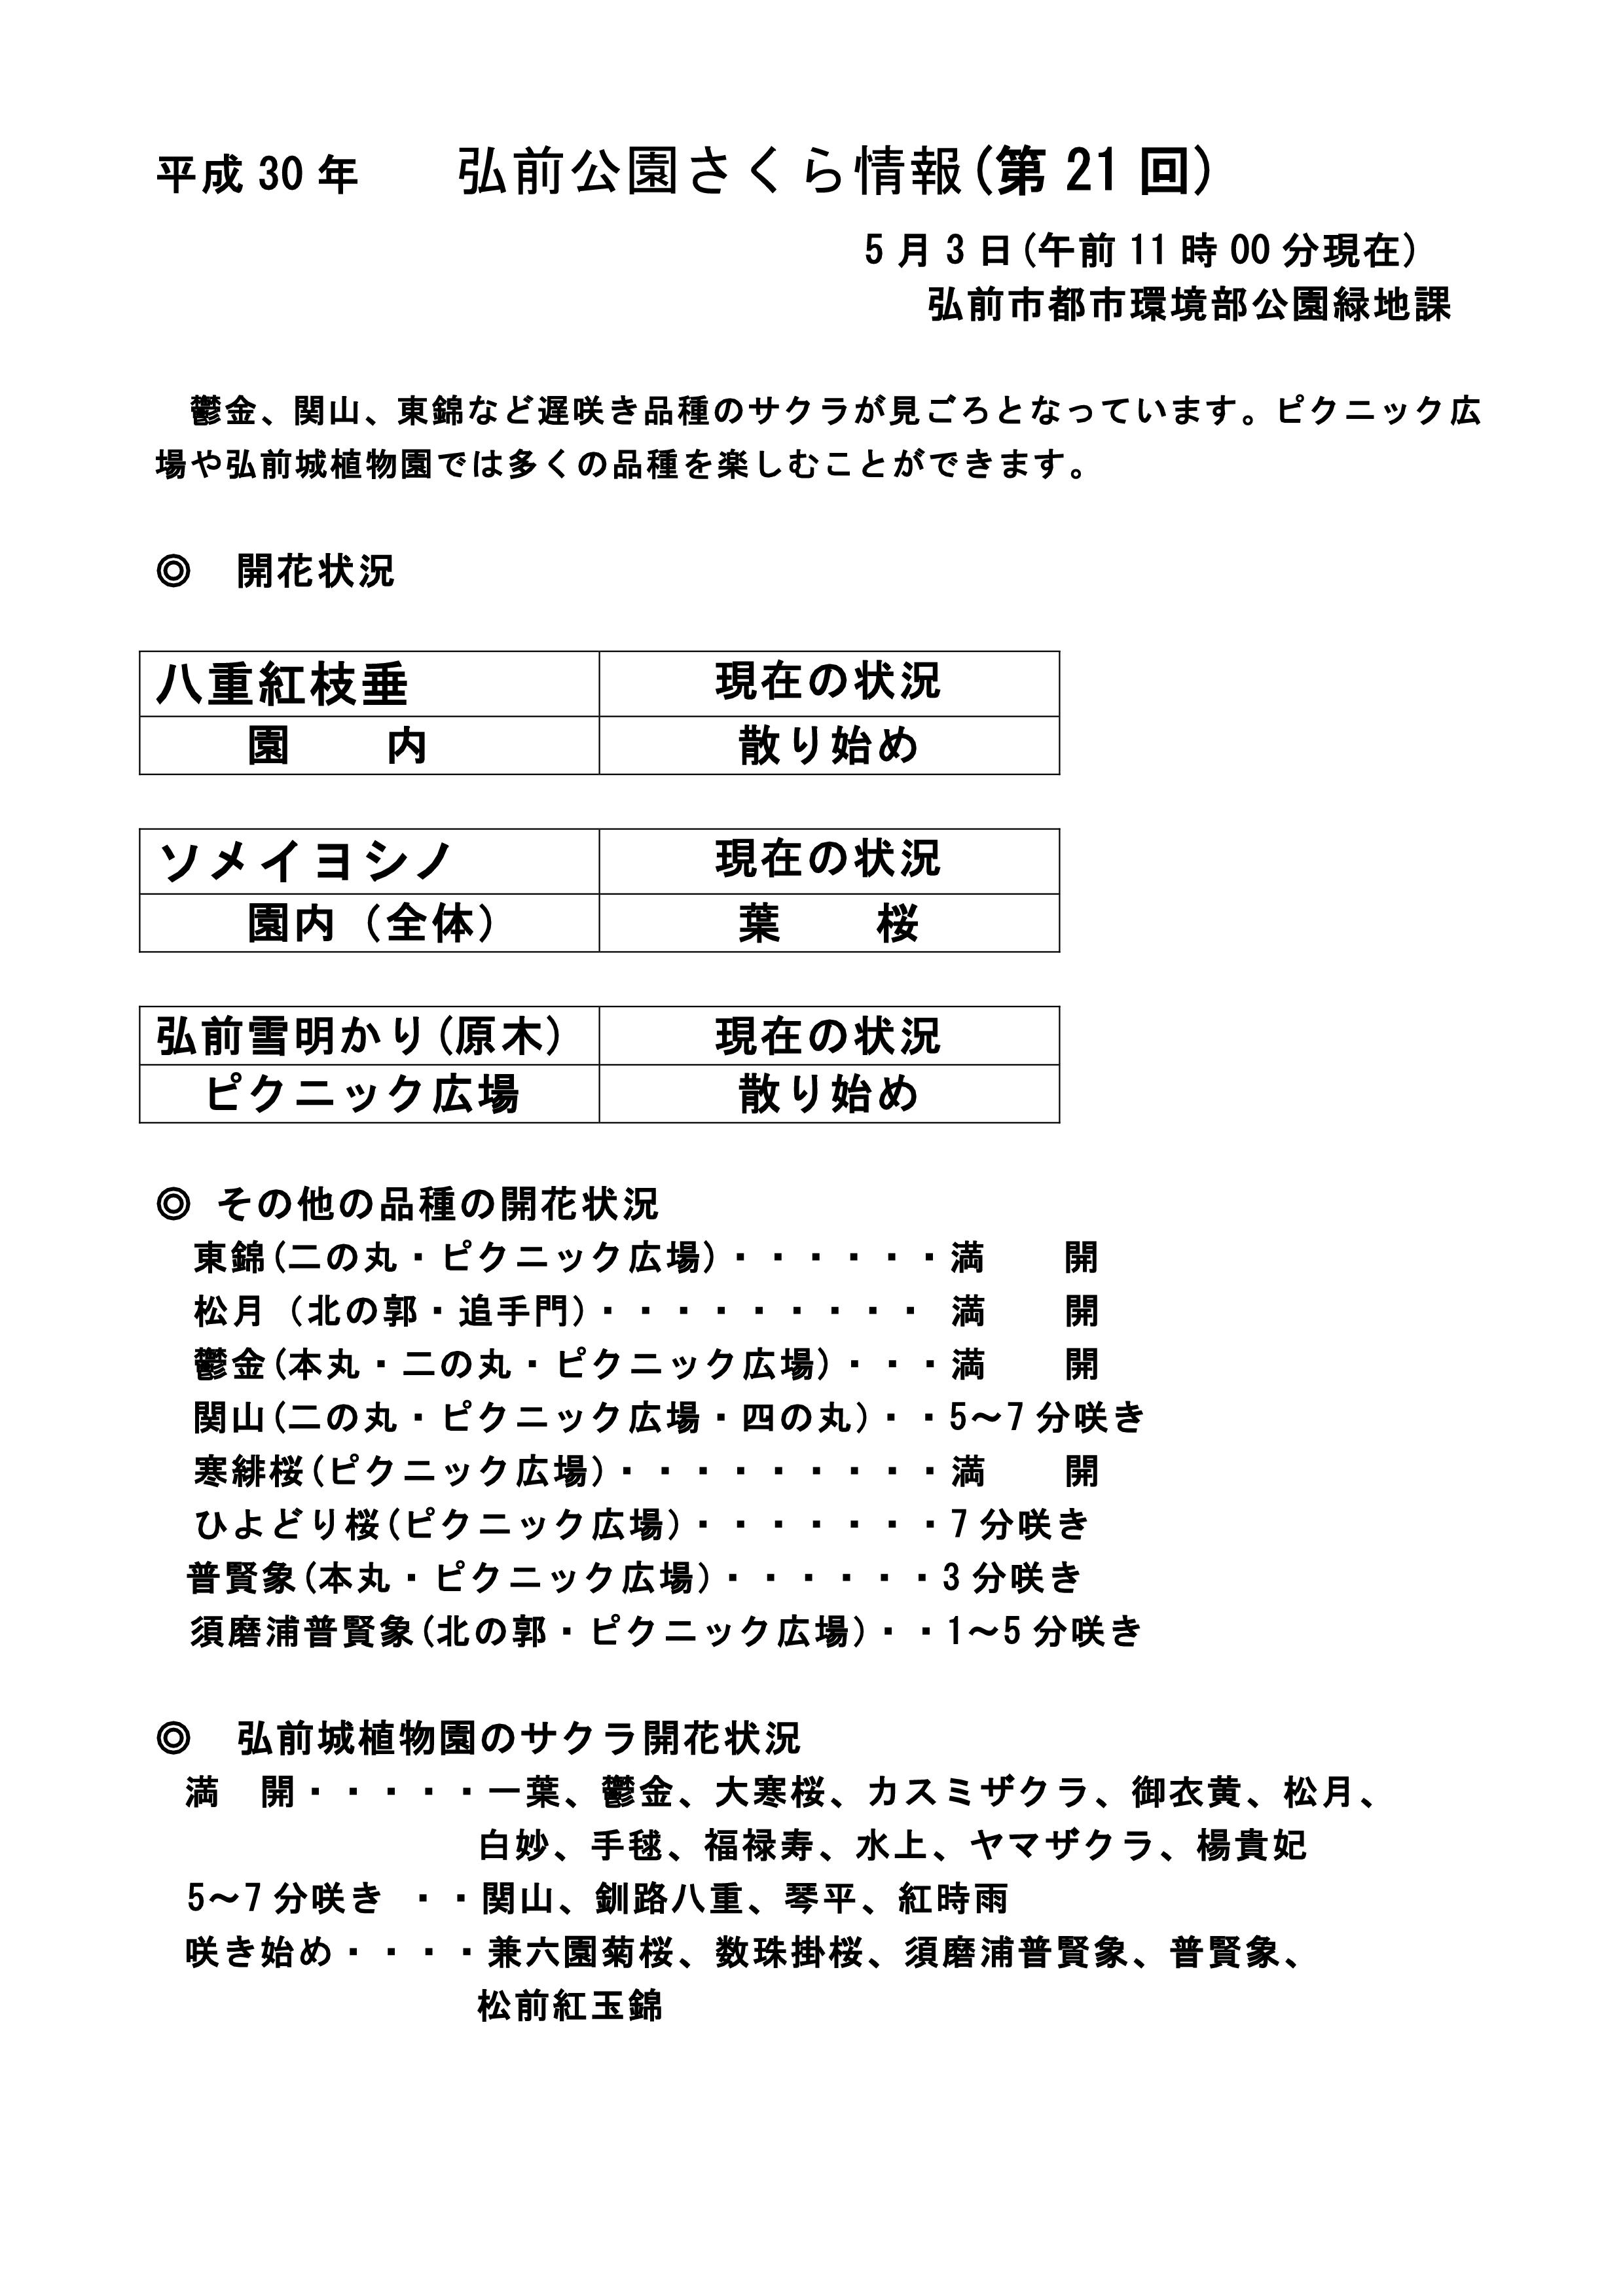 2018年5月3日付 弘前公園さくら情報【弘前公園・弘前城】